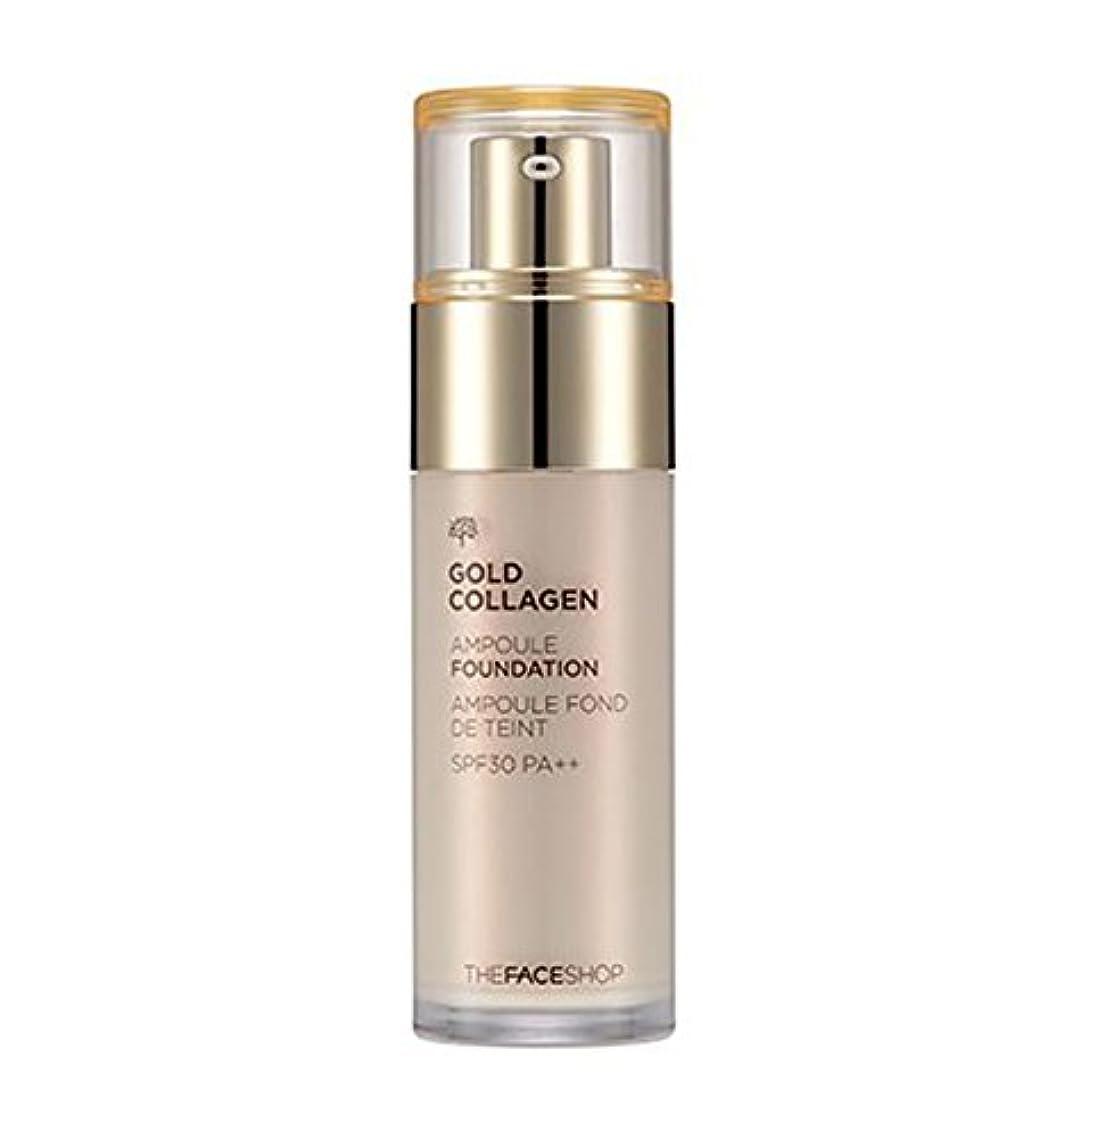 パズルリンケージ床を掃除する.ザ·フェイスショップ ゴールドコラーゲンアンプルファンデーションSPF30 PA +++ 40ml The Face Shop Gold Collagen Ampoule Foundation [海外直送品] (V201 アプリコットベージュ)